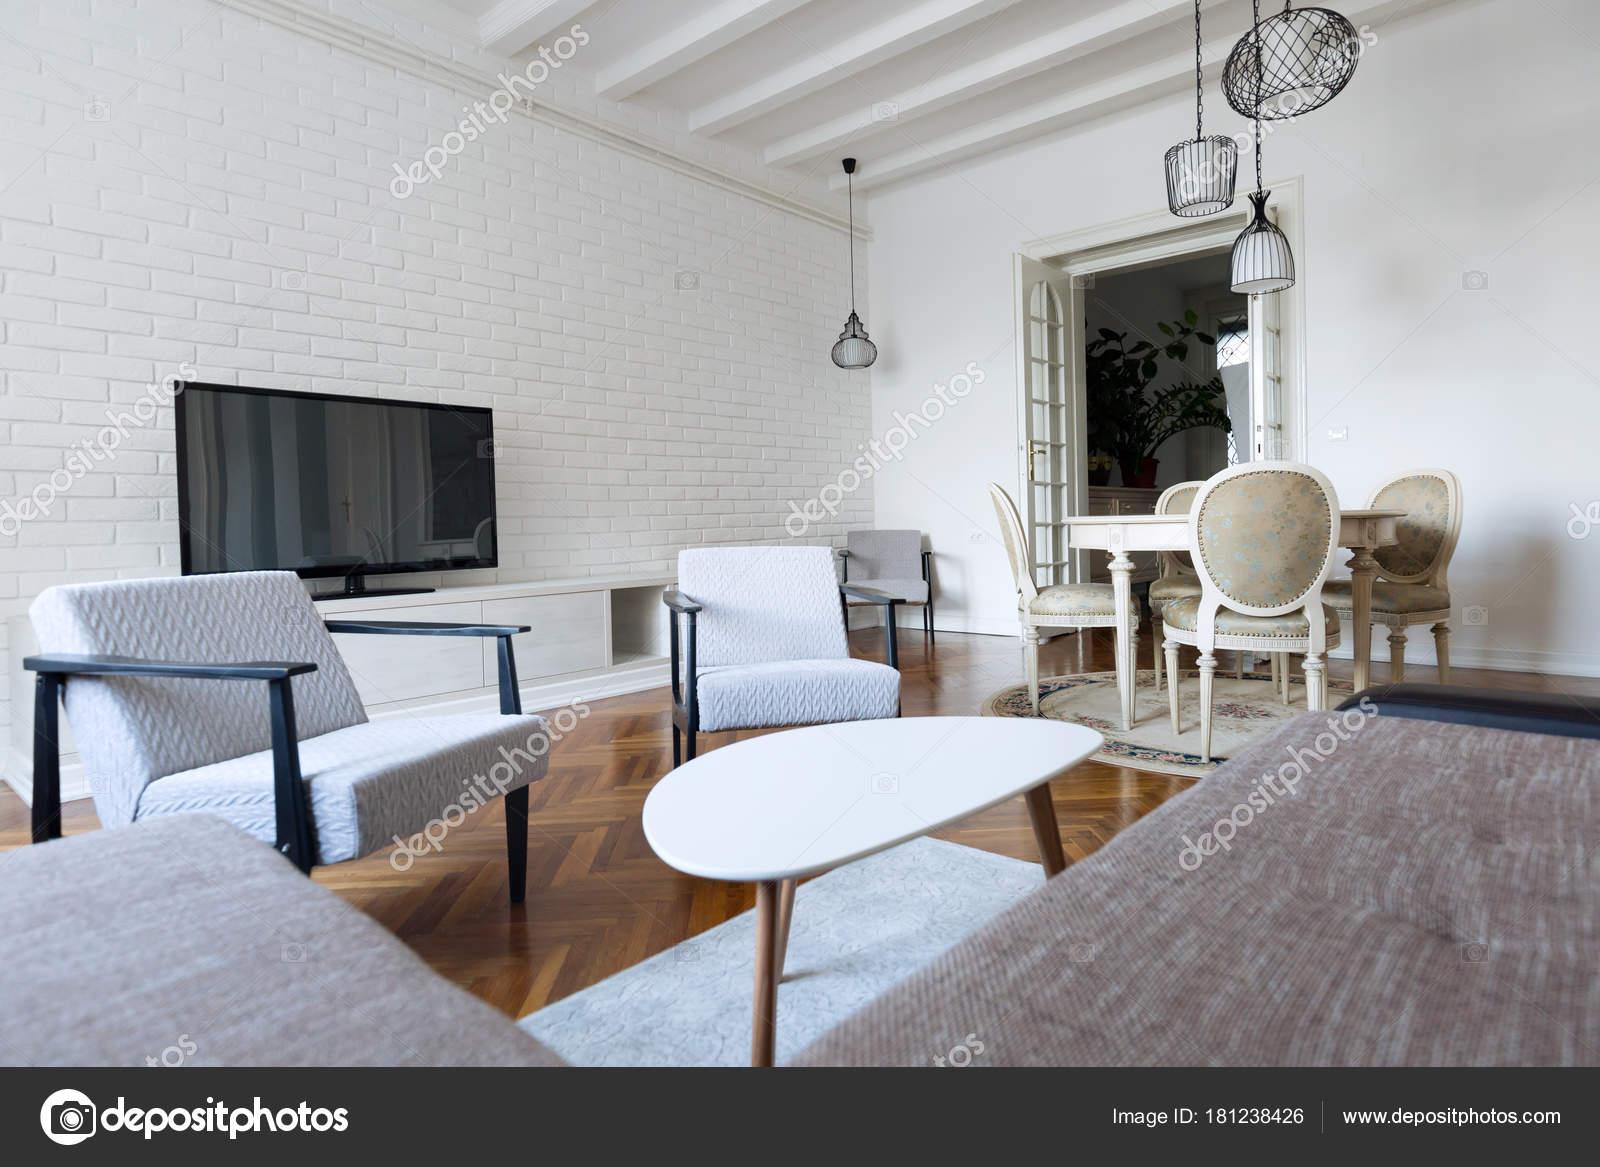 Interni Moderni Soggiorno Con Arredamento Moderno — Foto Stock ...